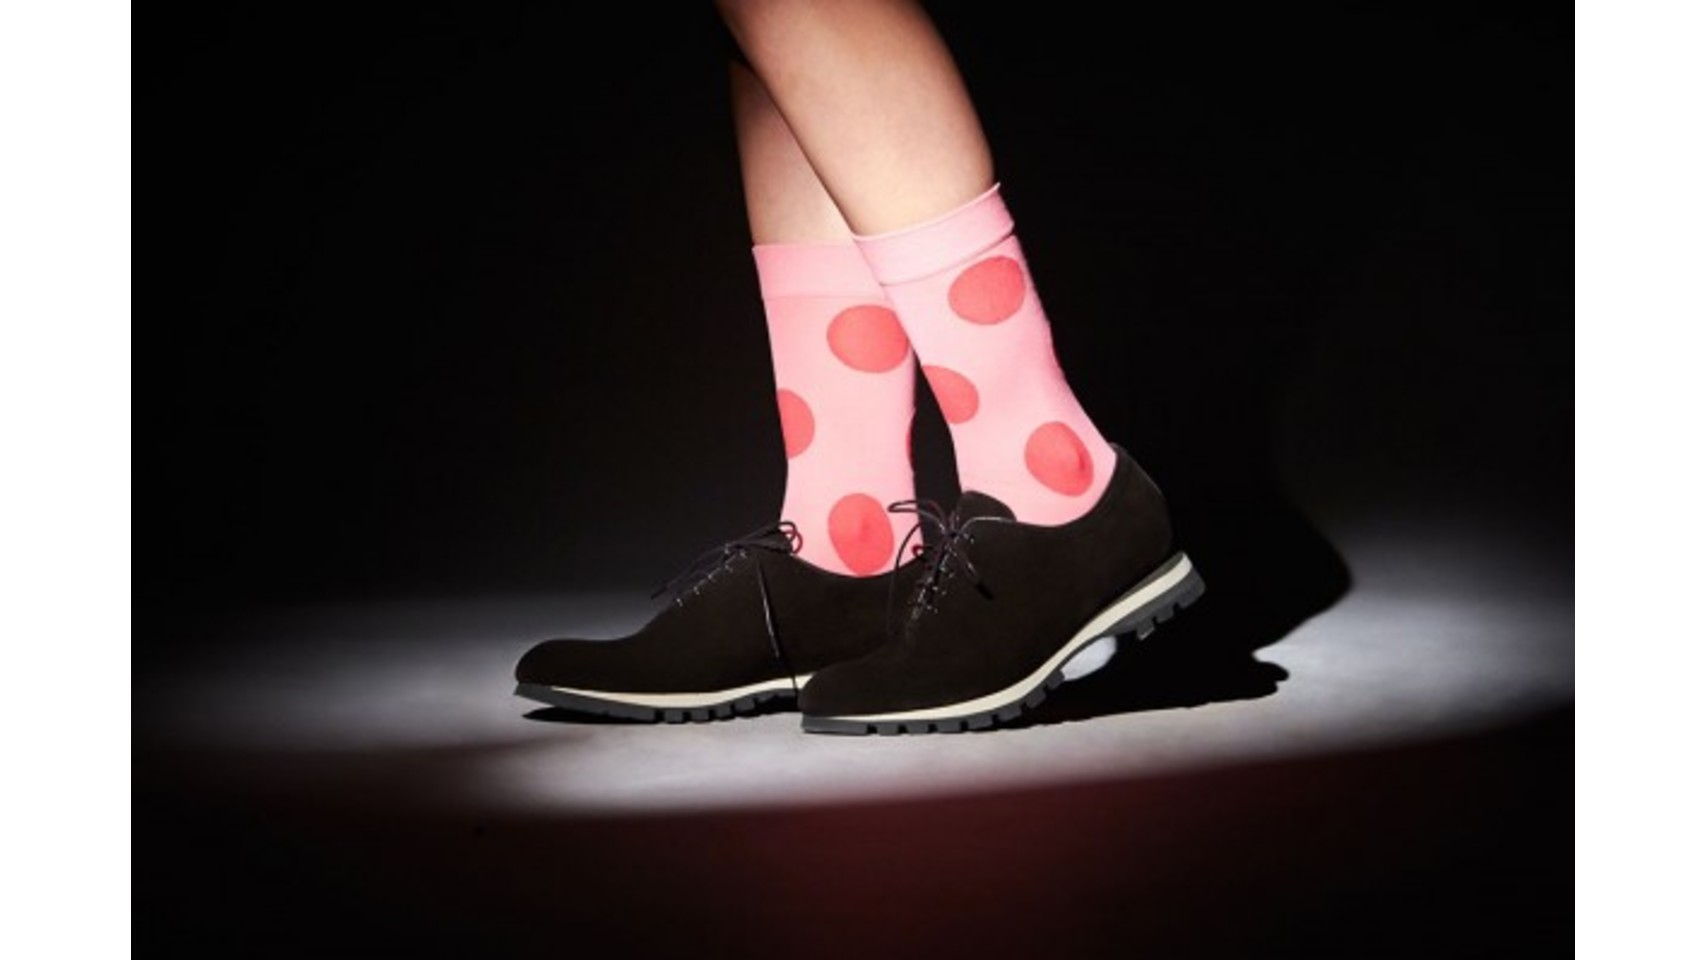 Manolo Blahnik, para el verano del año pasado, diseñó calcetines específicos para utilizar con el calzado veraniego. Aquí, con unos zapatos bajos de ante.